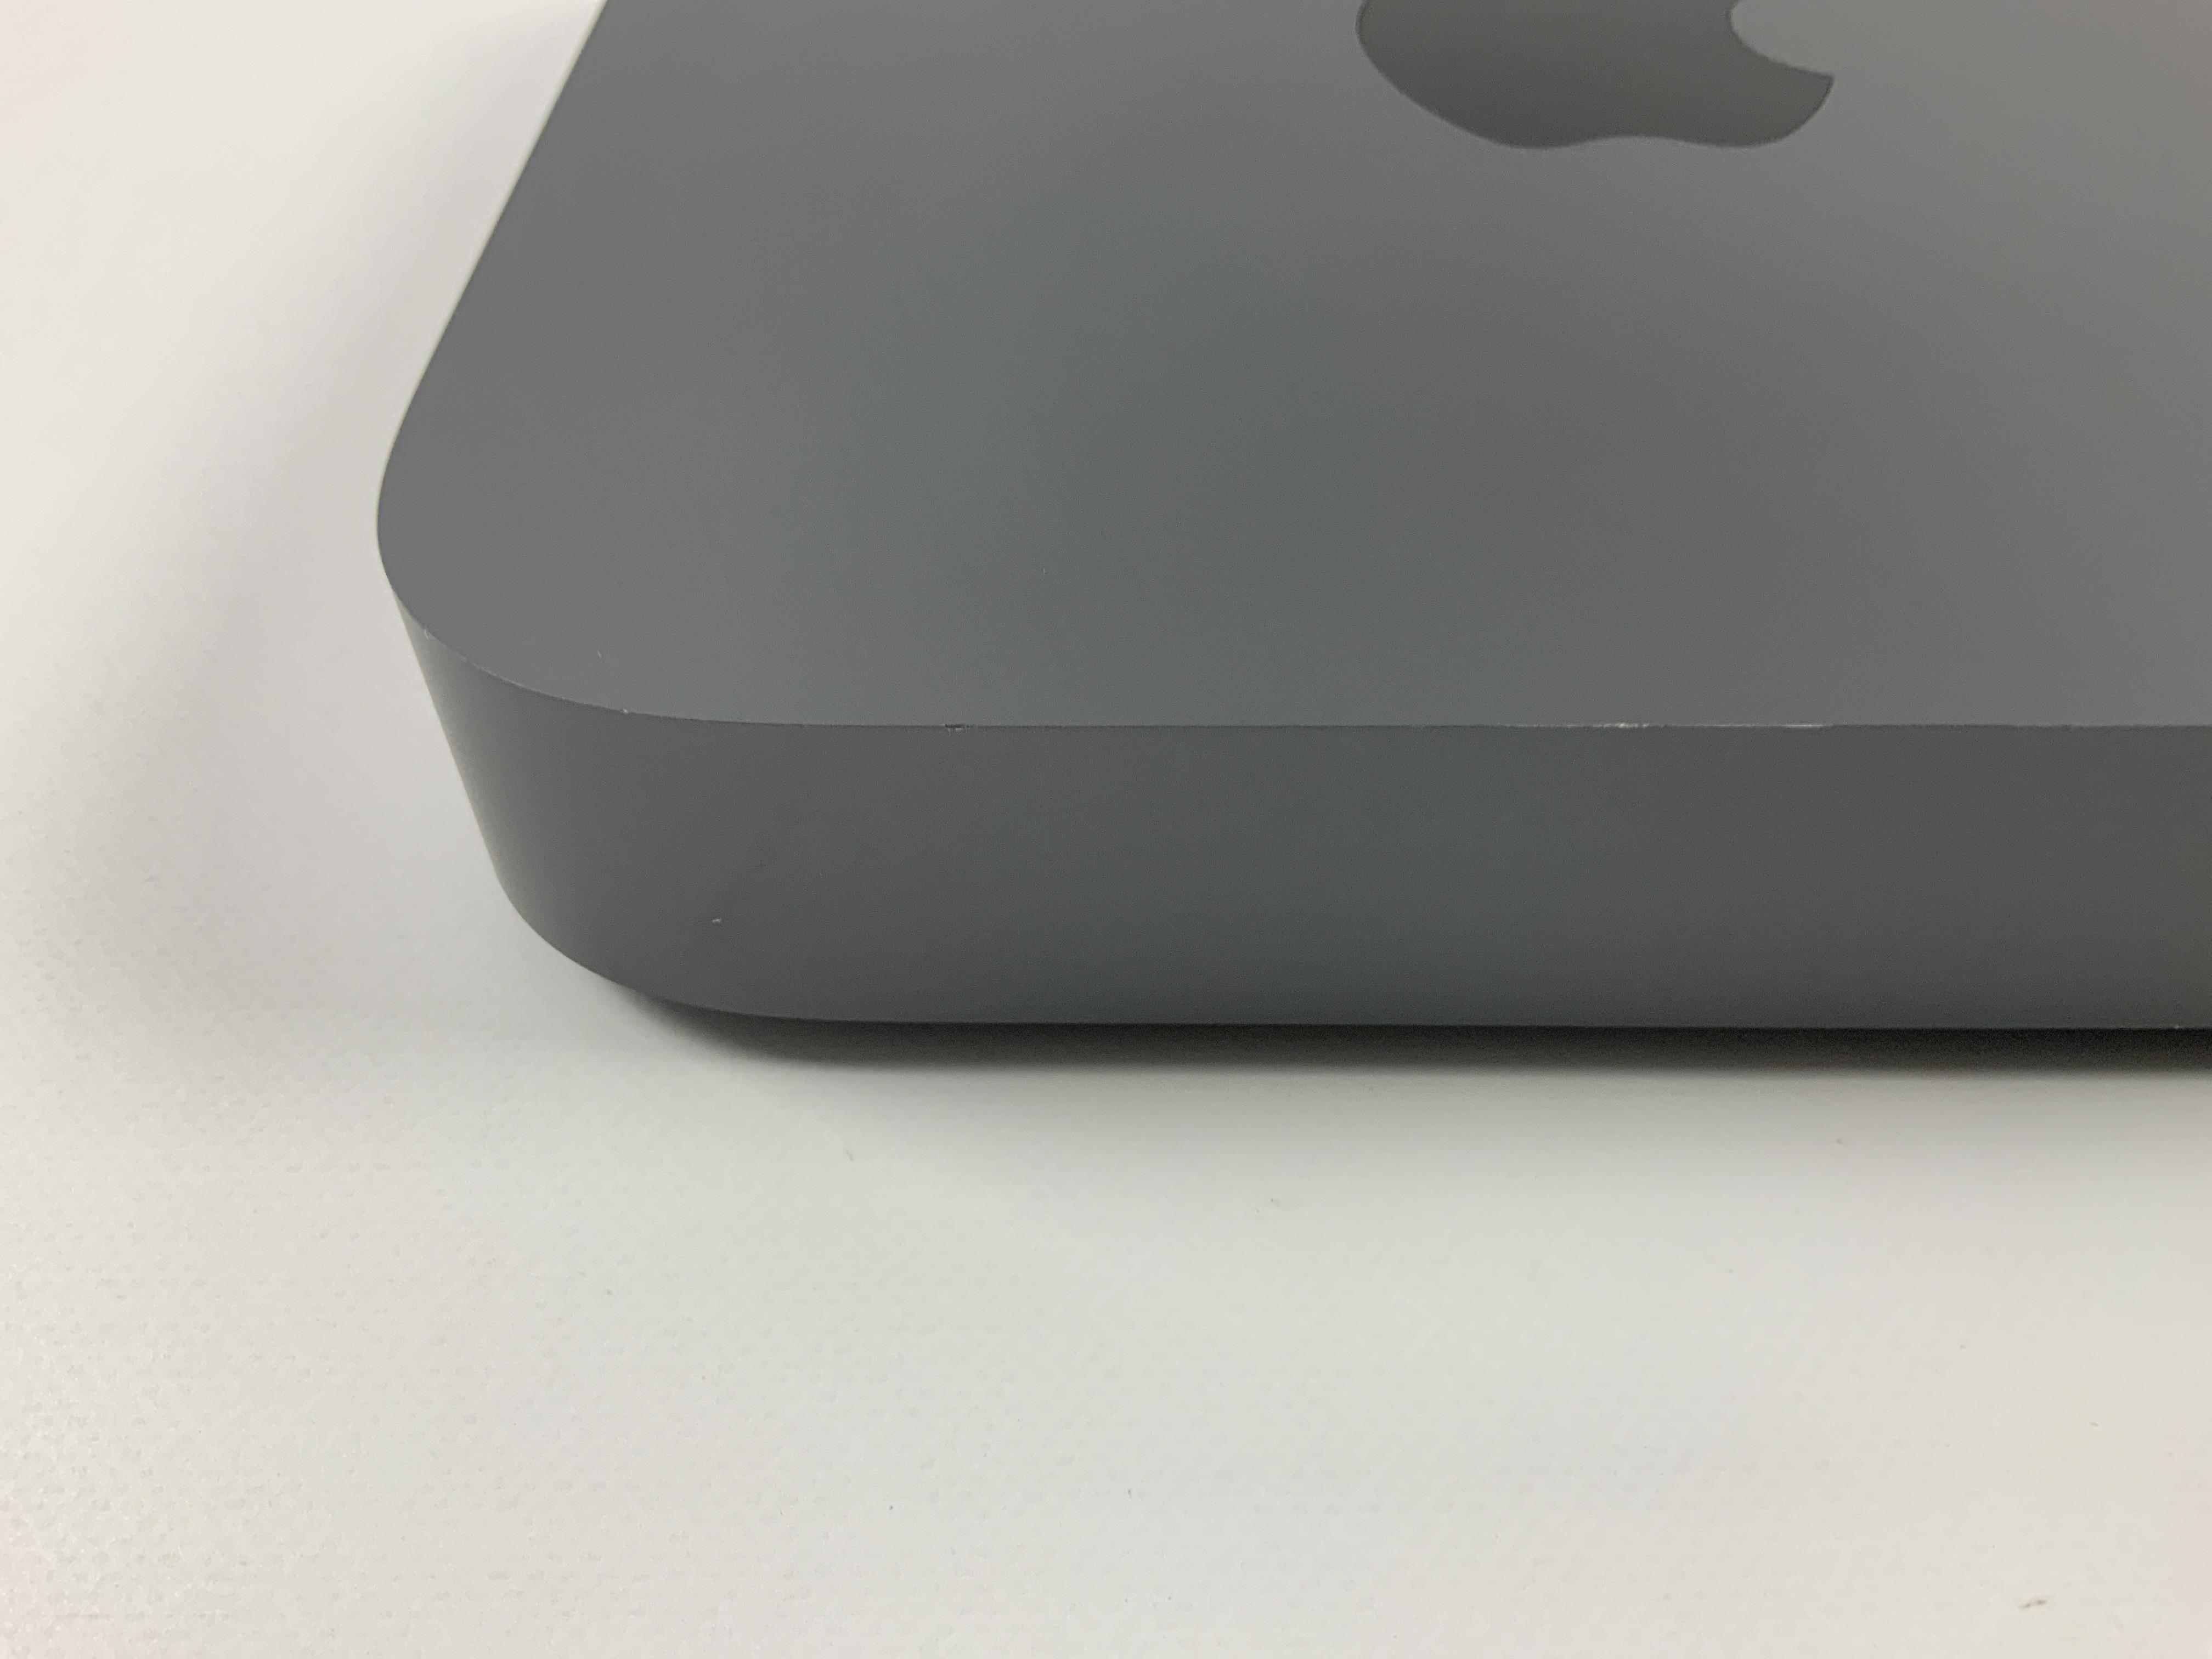 Mac Mini Late 2018 (Intel 6-Core i5 3.0 GHz 8 GB RAM 256 GB SSD), Intel 6-Core i5 3.0 GHz, 8 GB RAM, 256 GB SSD, Bild 3